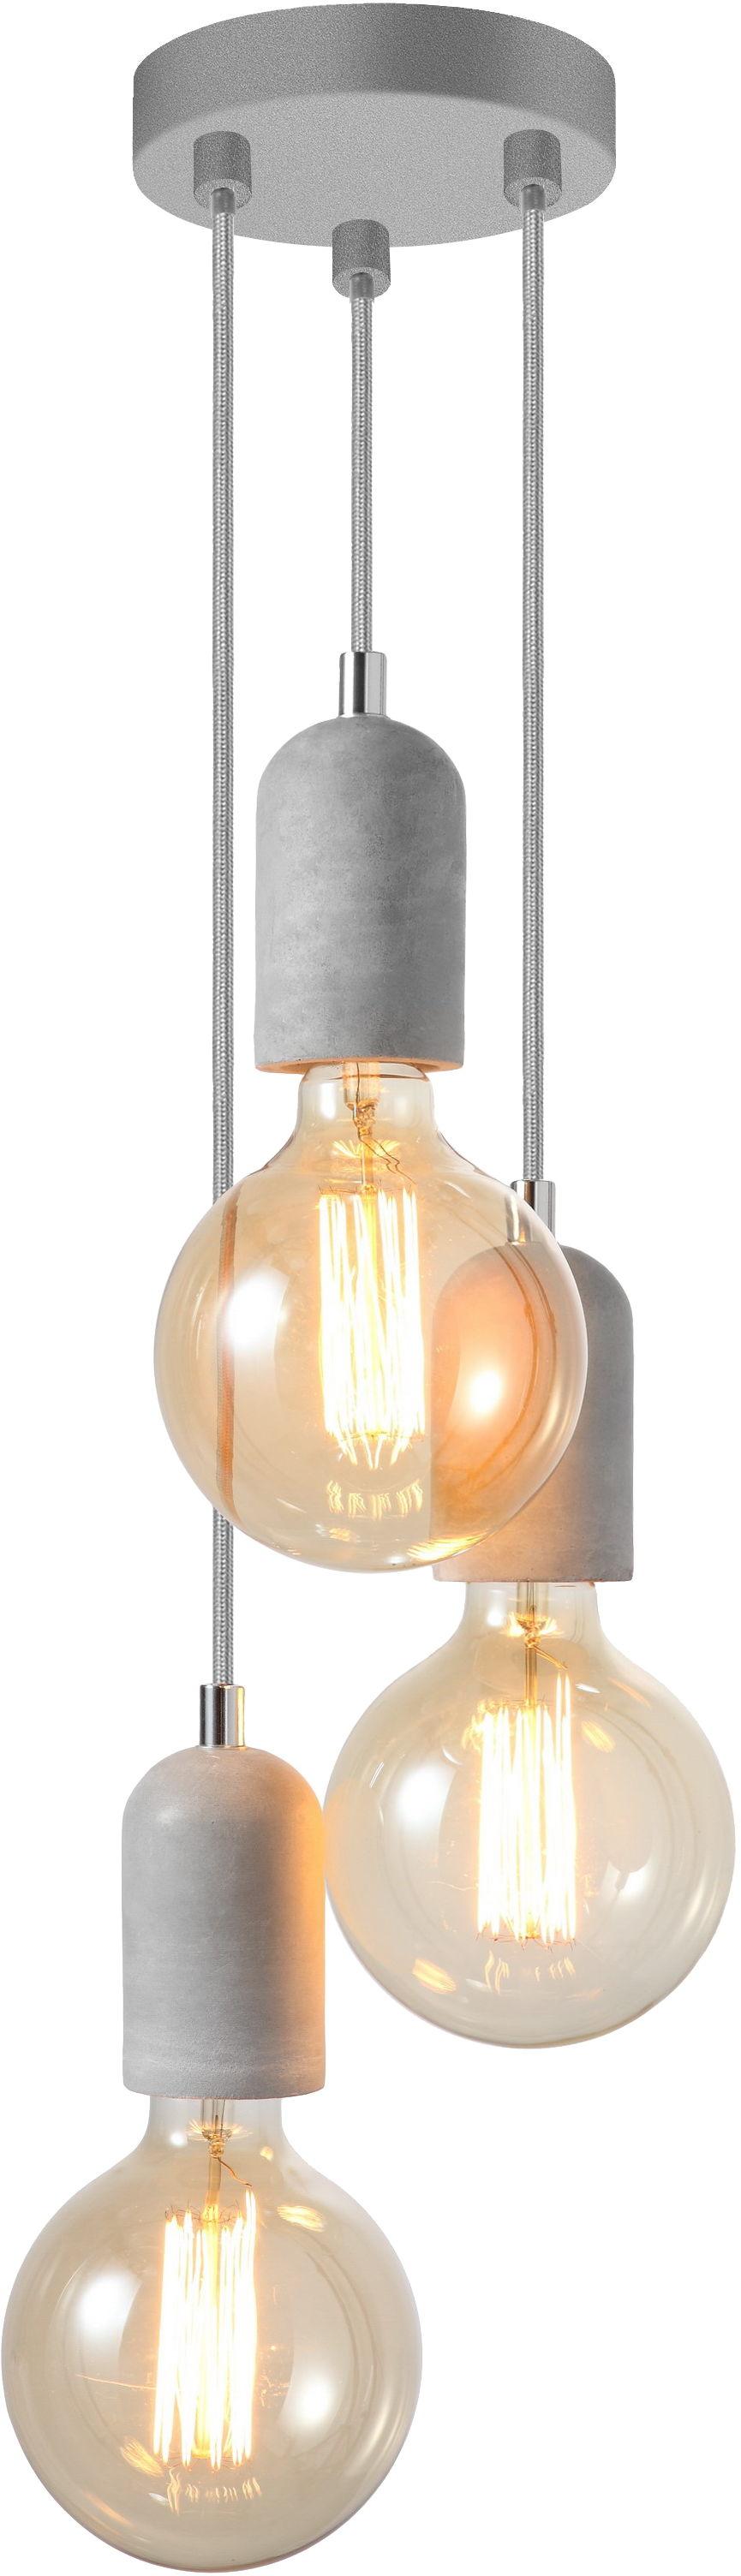 Lampa wisząca VOLTA 3 AZ2385 - Azzardo - Zapytaj o kupon rabatowy lub LEDY gratis